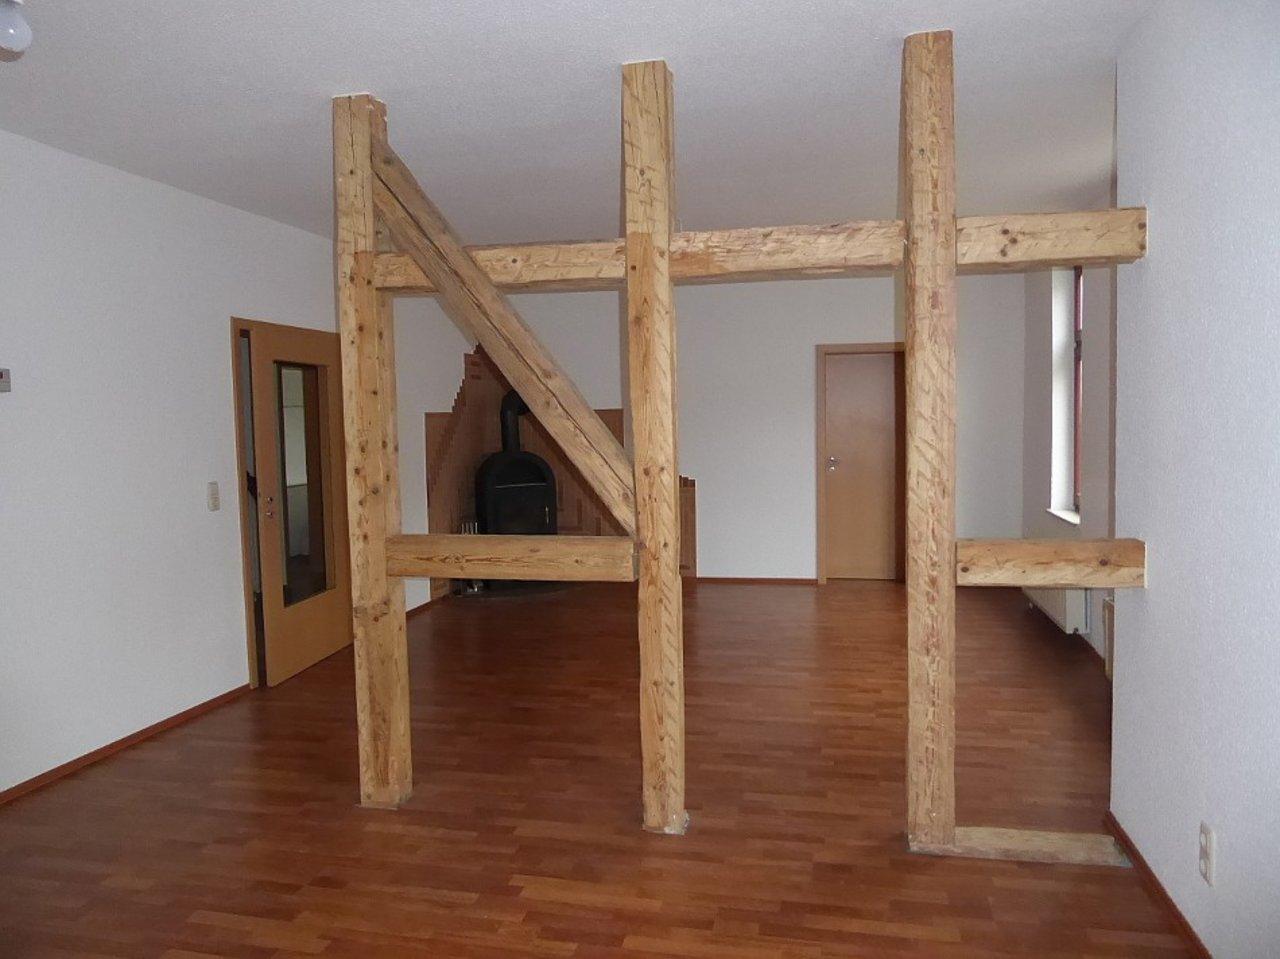 Großzügige 3-Zimmerwohnung mit Kamin und Einbauküche-Wohnzimmer